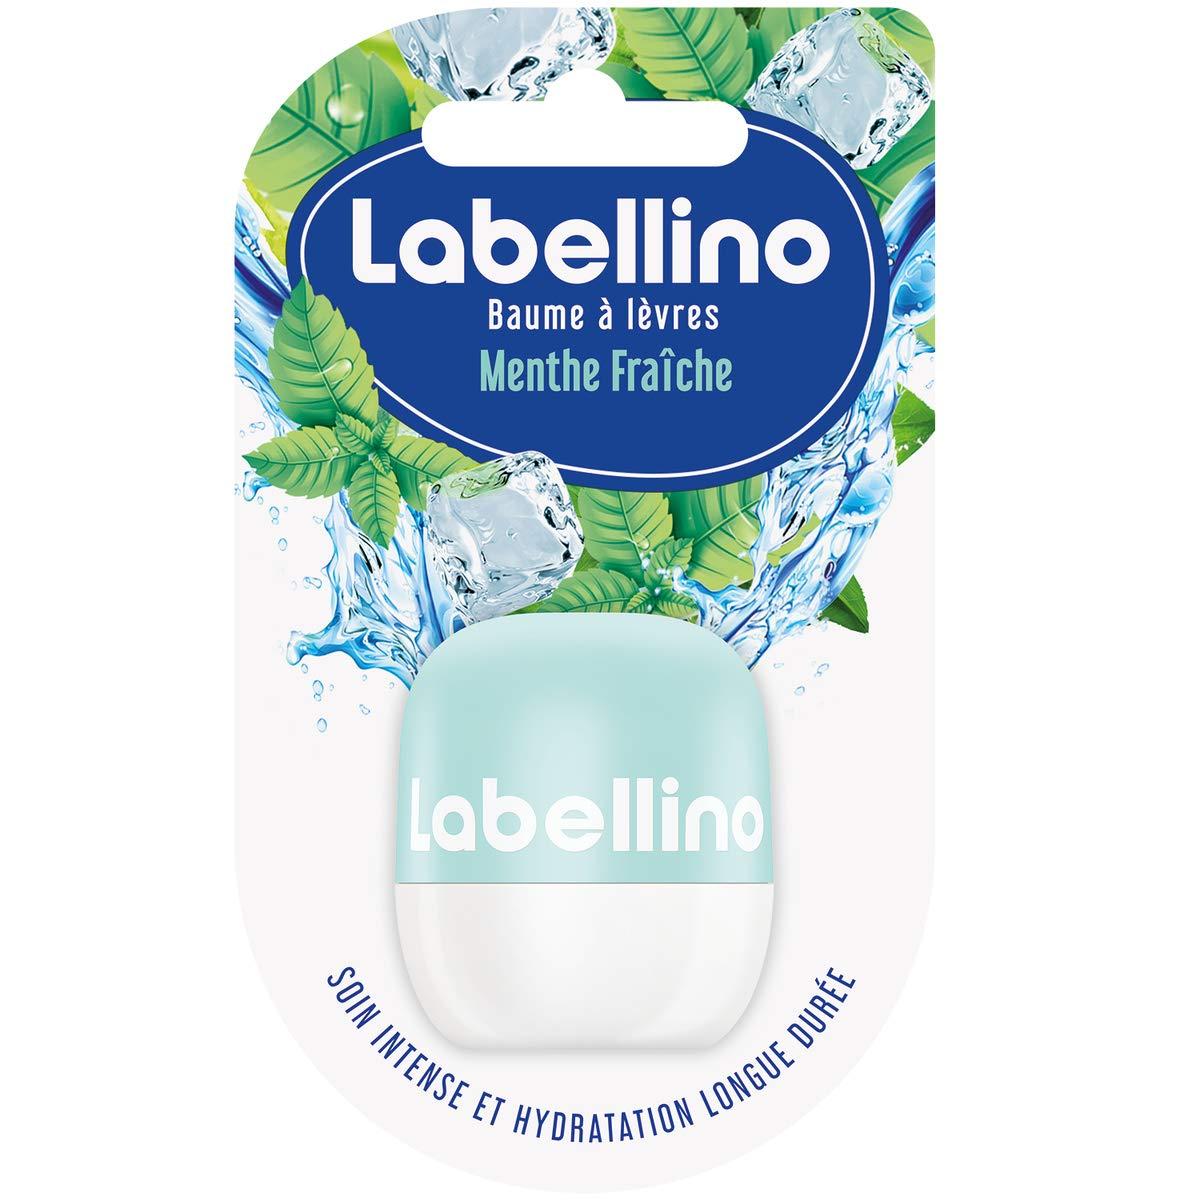 Labello Baumes à lèvres Menthe Fraîche 7 g - Lot de 2 852980542447